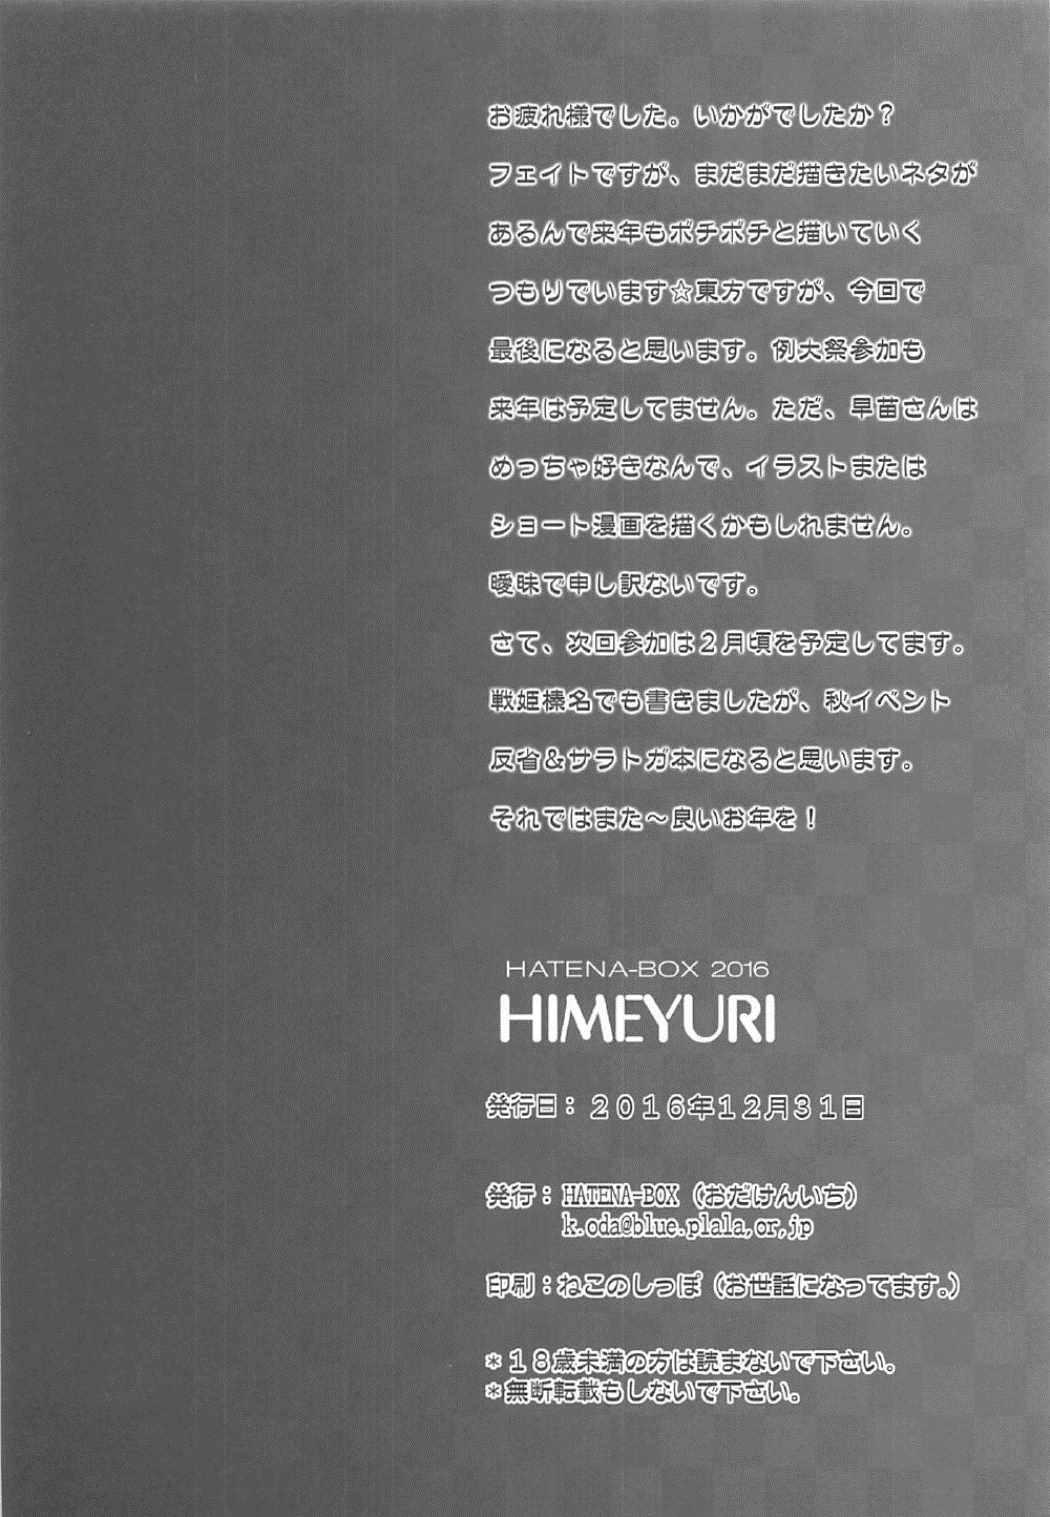 HIMEYURI 24